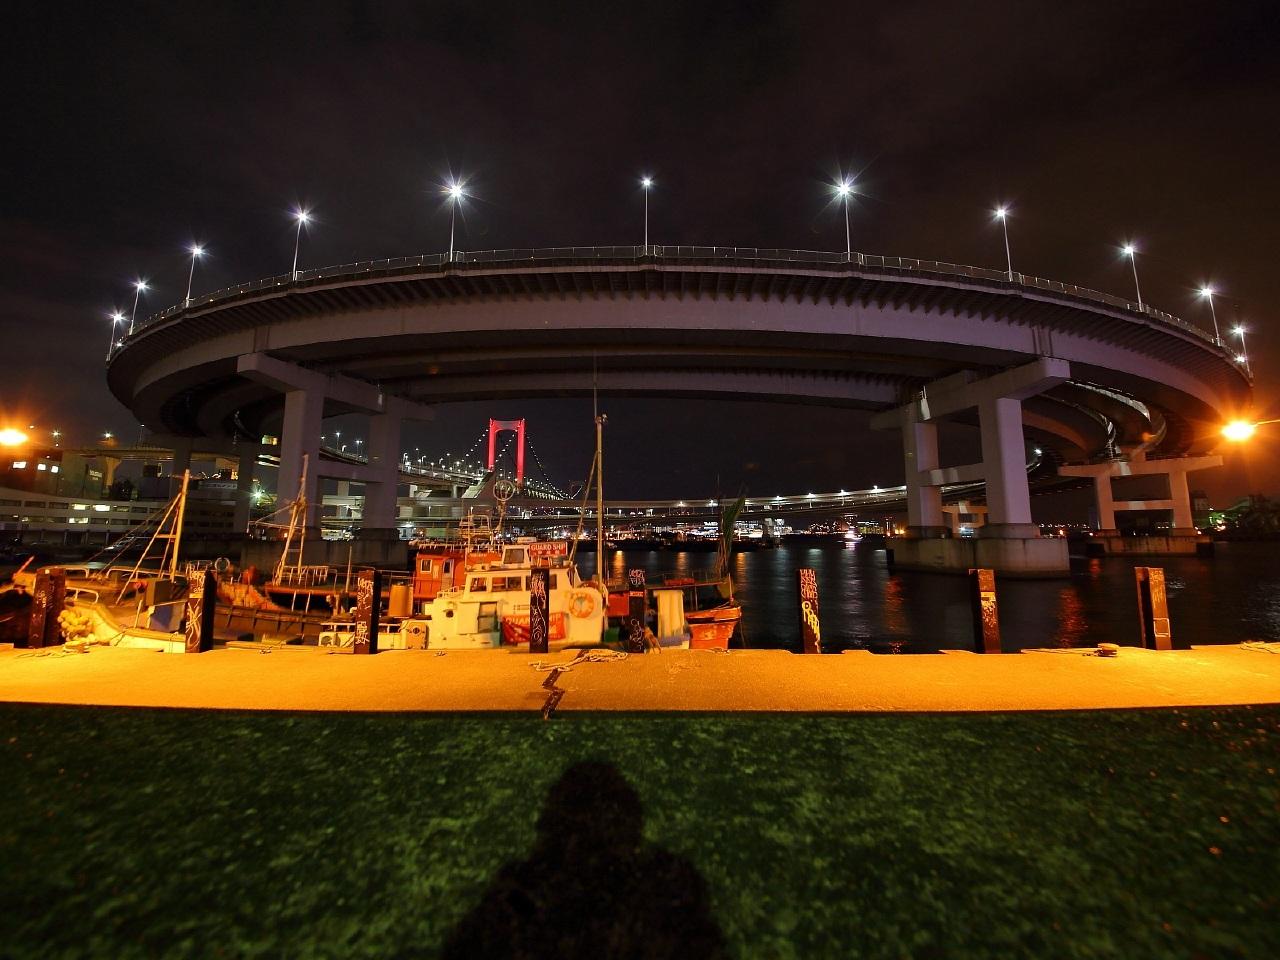 2020東京オリンピック招致カラー (RainbowBridge Olympic 2020 TOKYO)